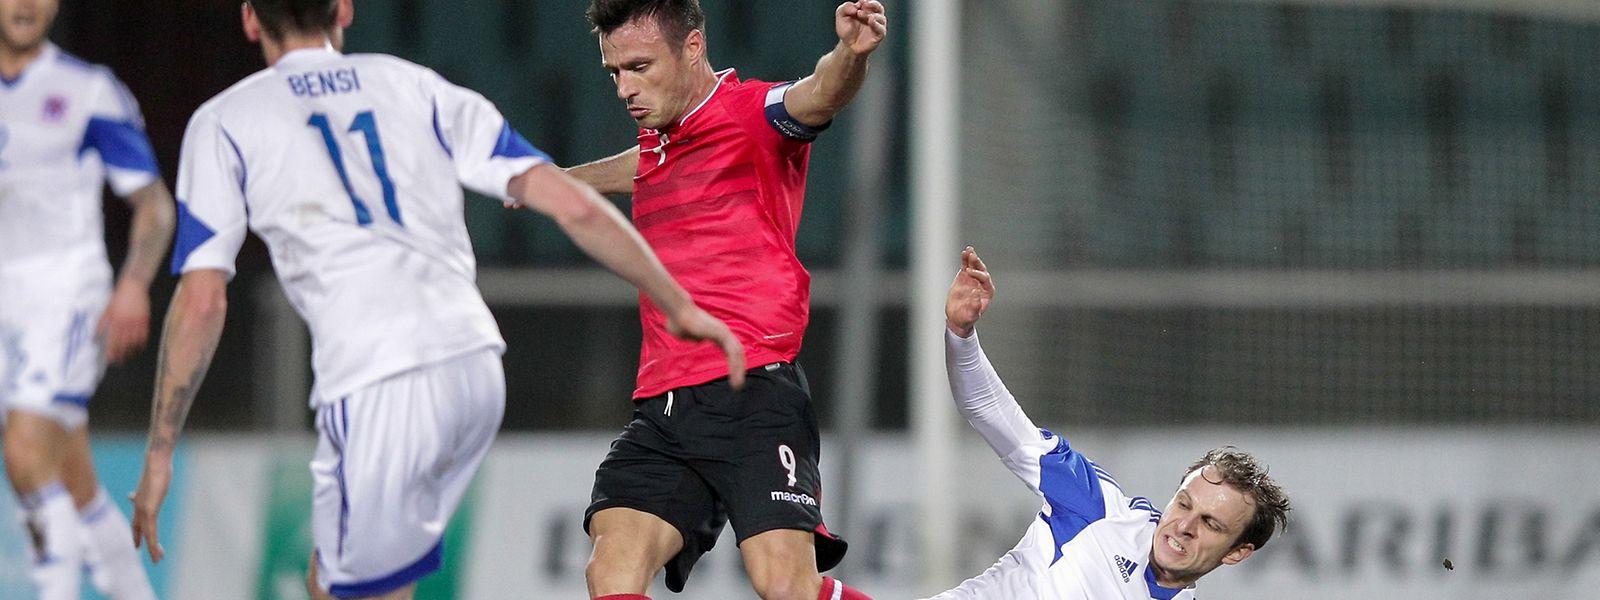 Lars Gerson (r.) zeigte gegen Albanien großen Einsatz.